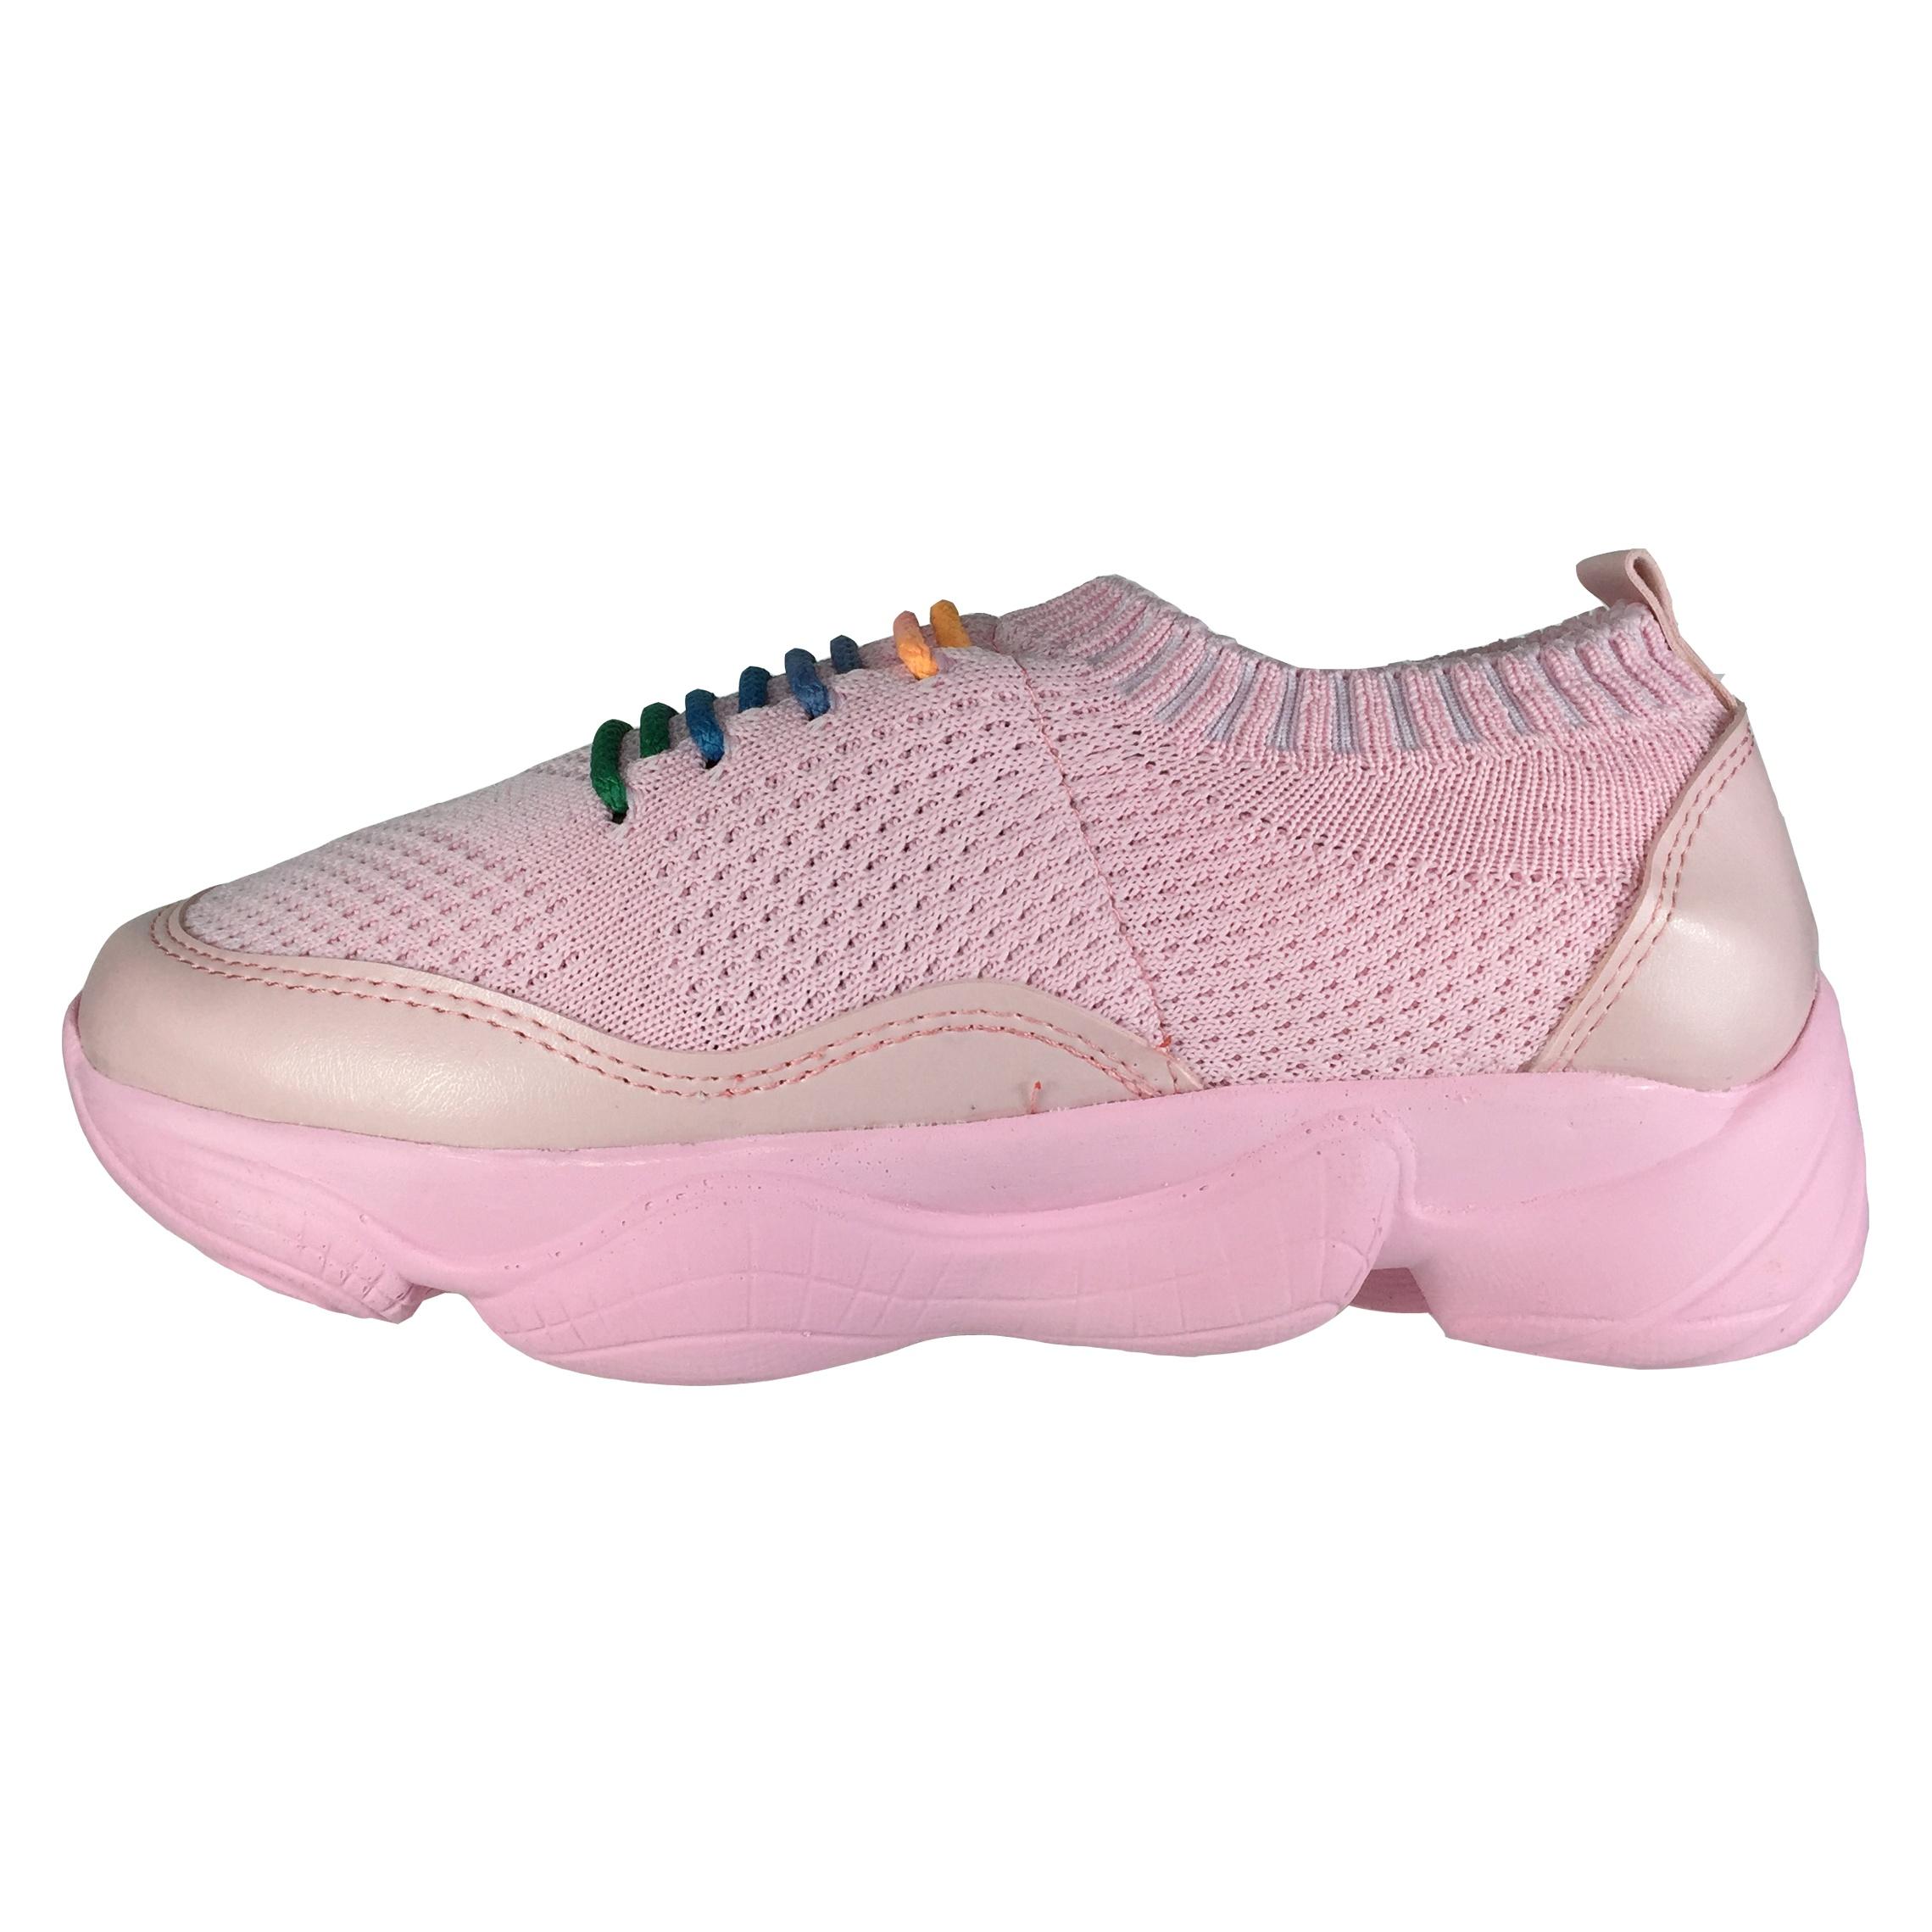 کفش زنانه پاریس جامه مدل B511 رنگ صورتی